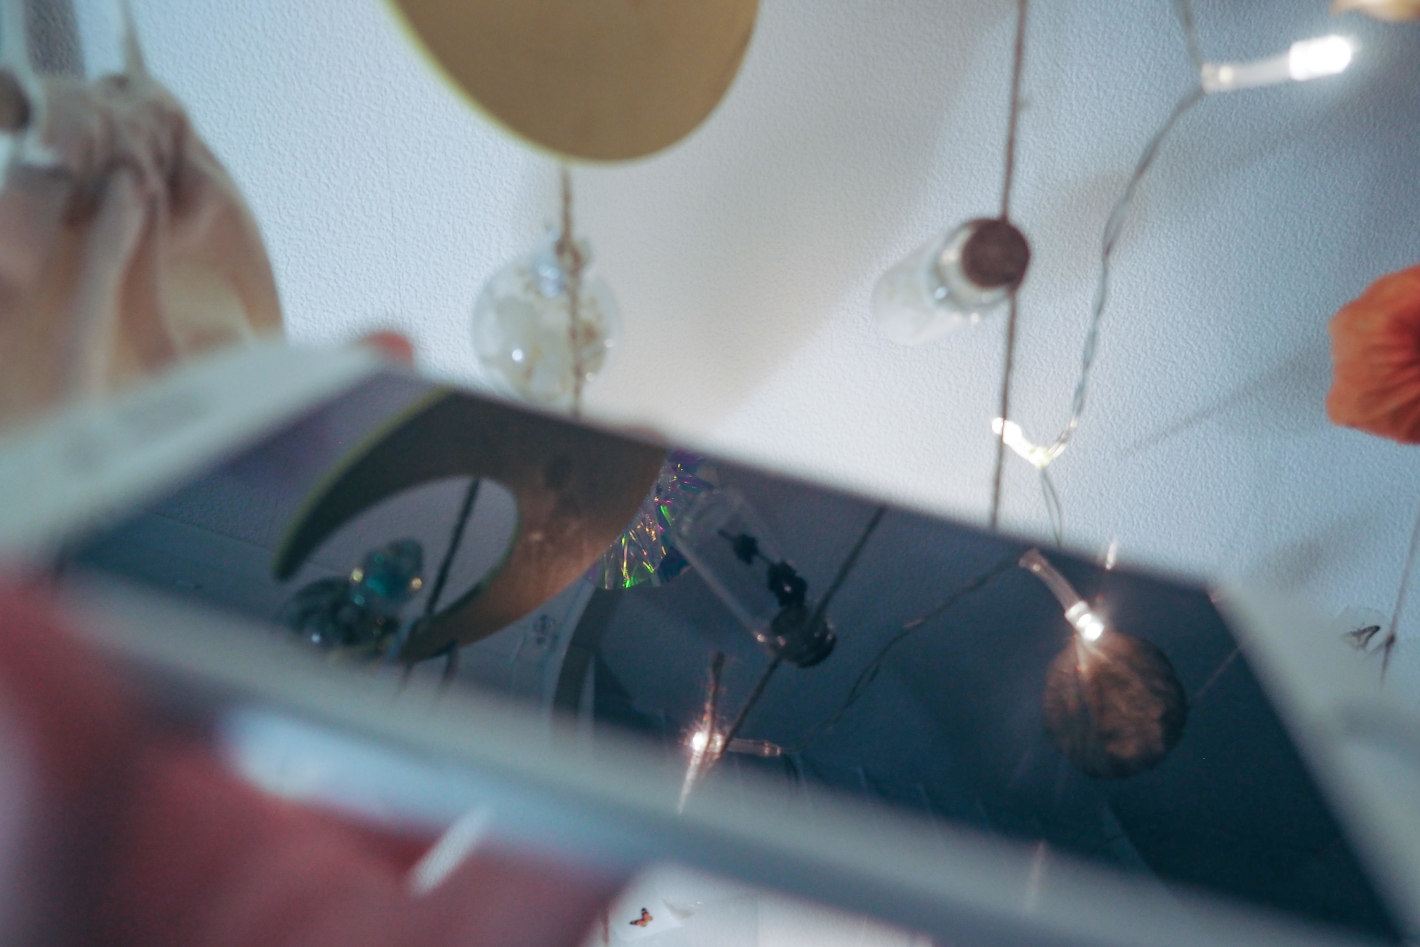 オールドレンズ×ミラーレス – 淡い光とにじむボケにときめく夜の風景